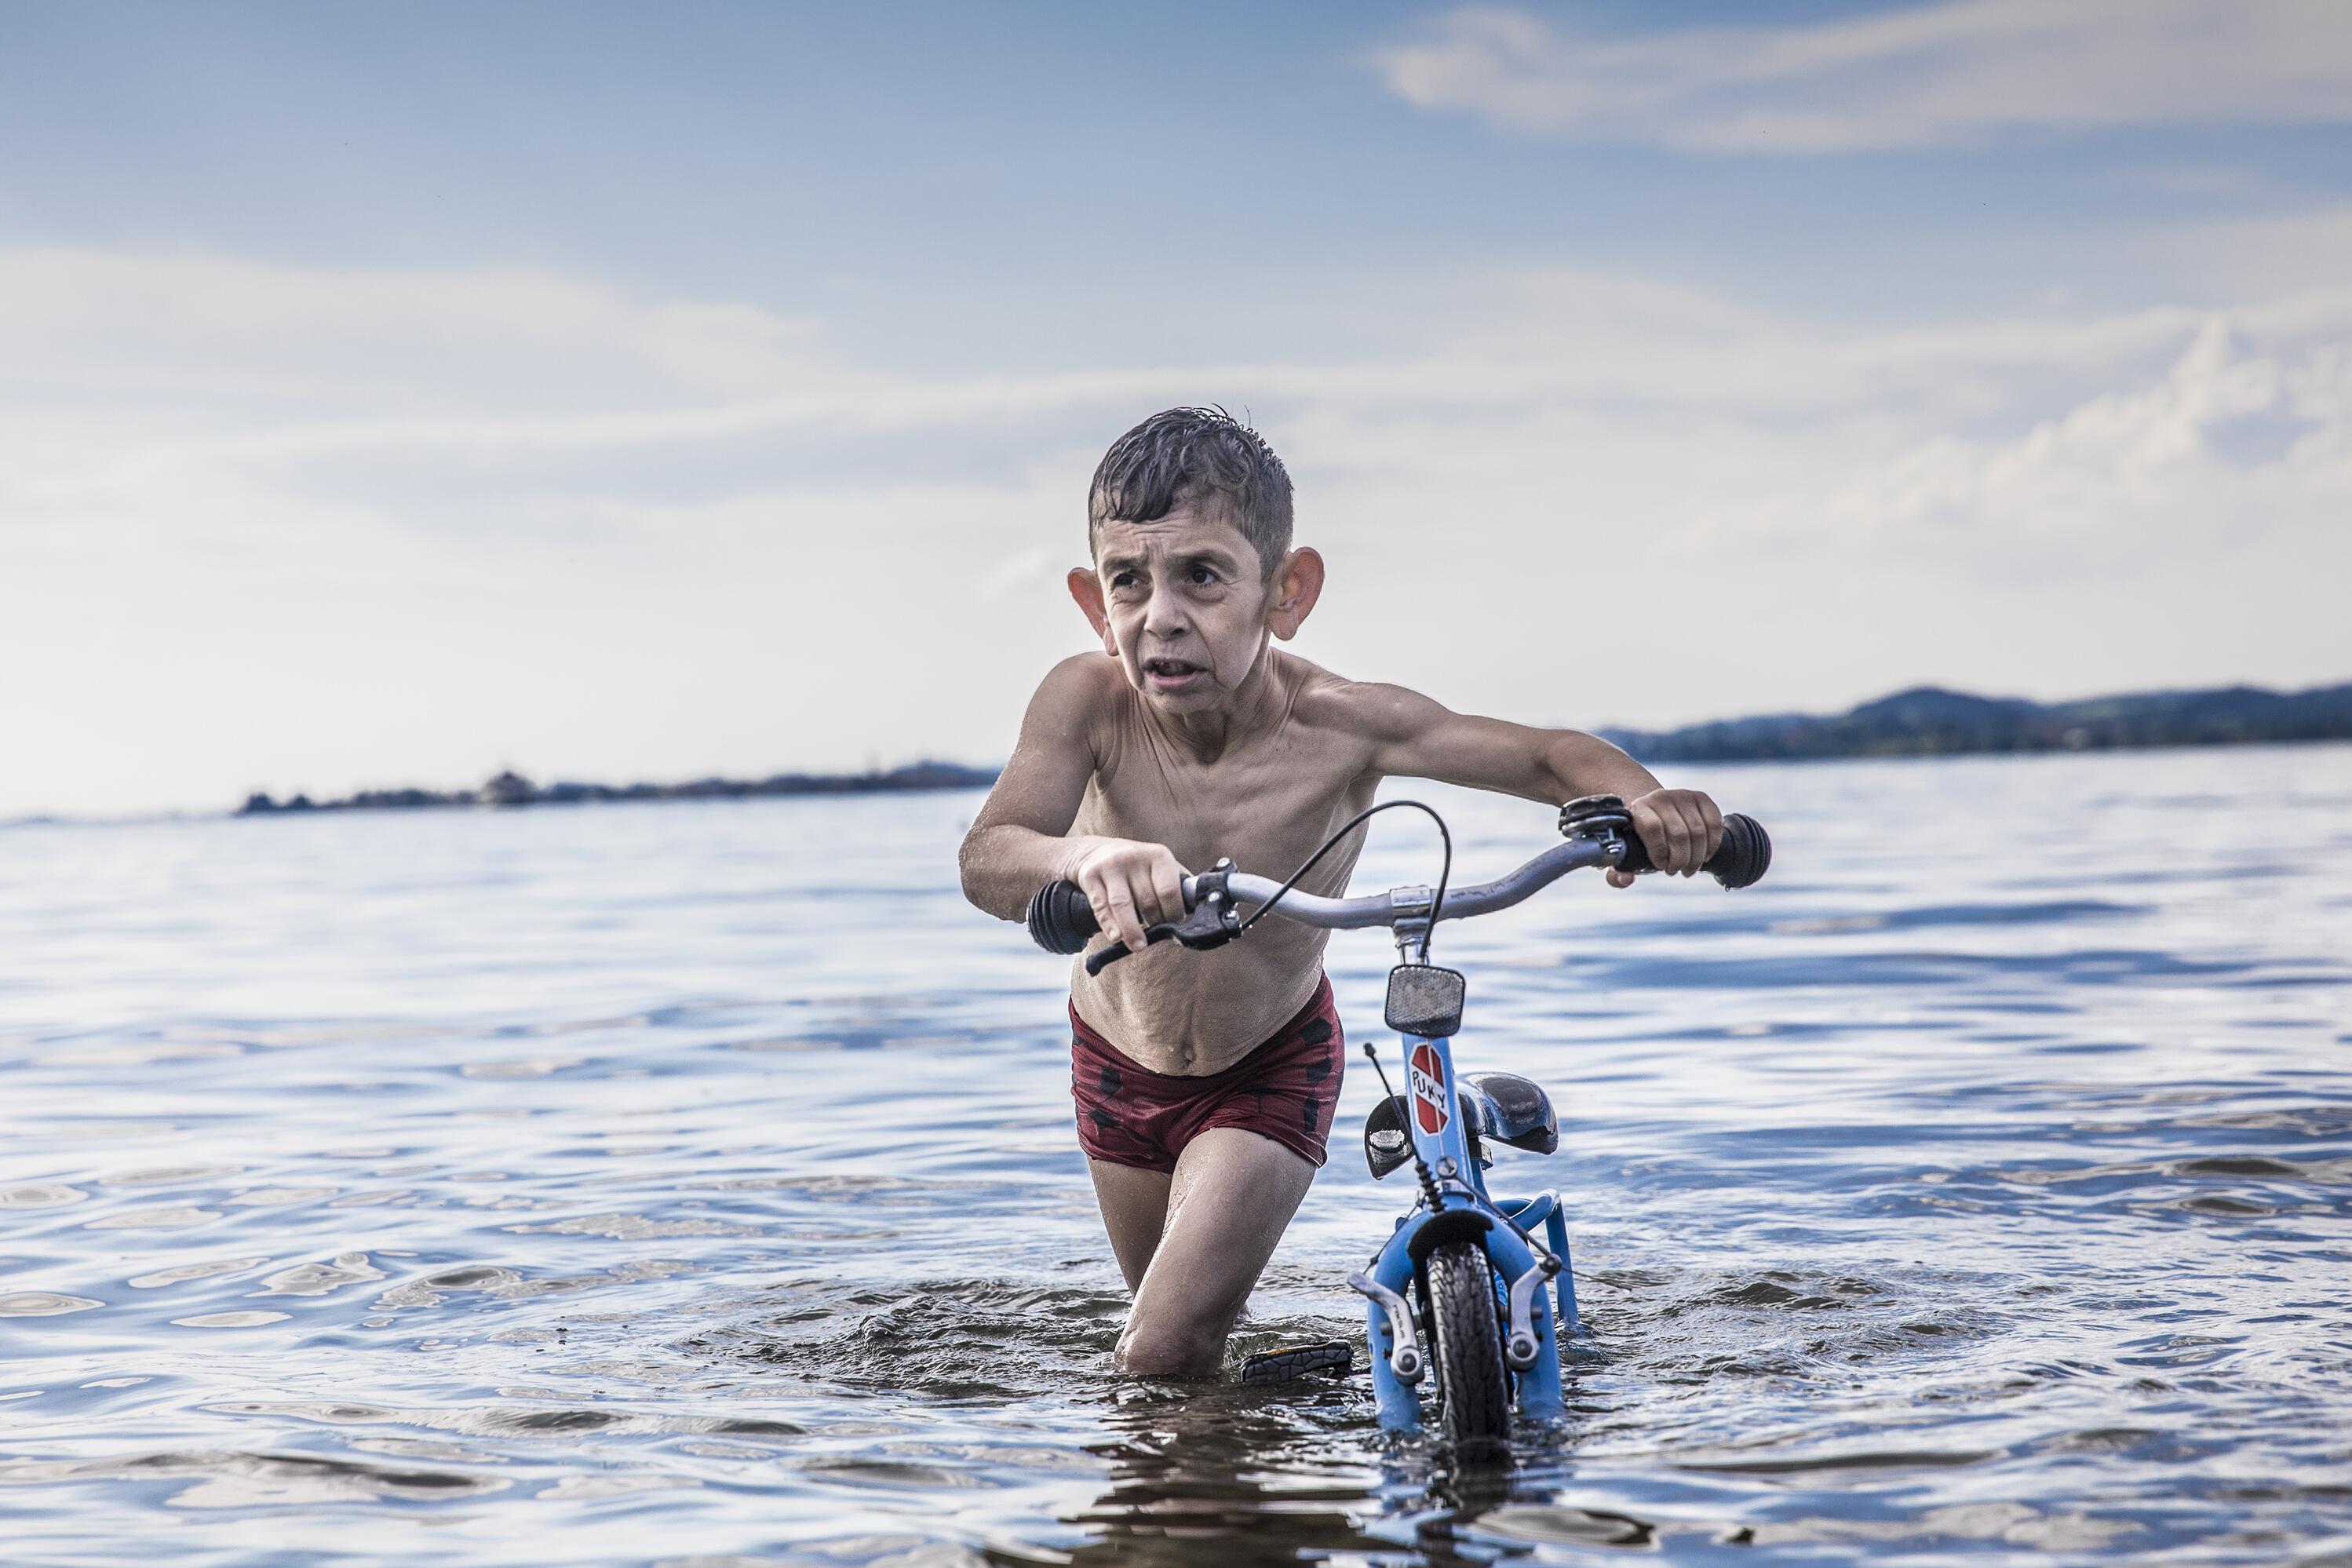 Bild zu Bodensee, Cutis-Laxa-Syndrom, Syrien, Flucht, Bregenz